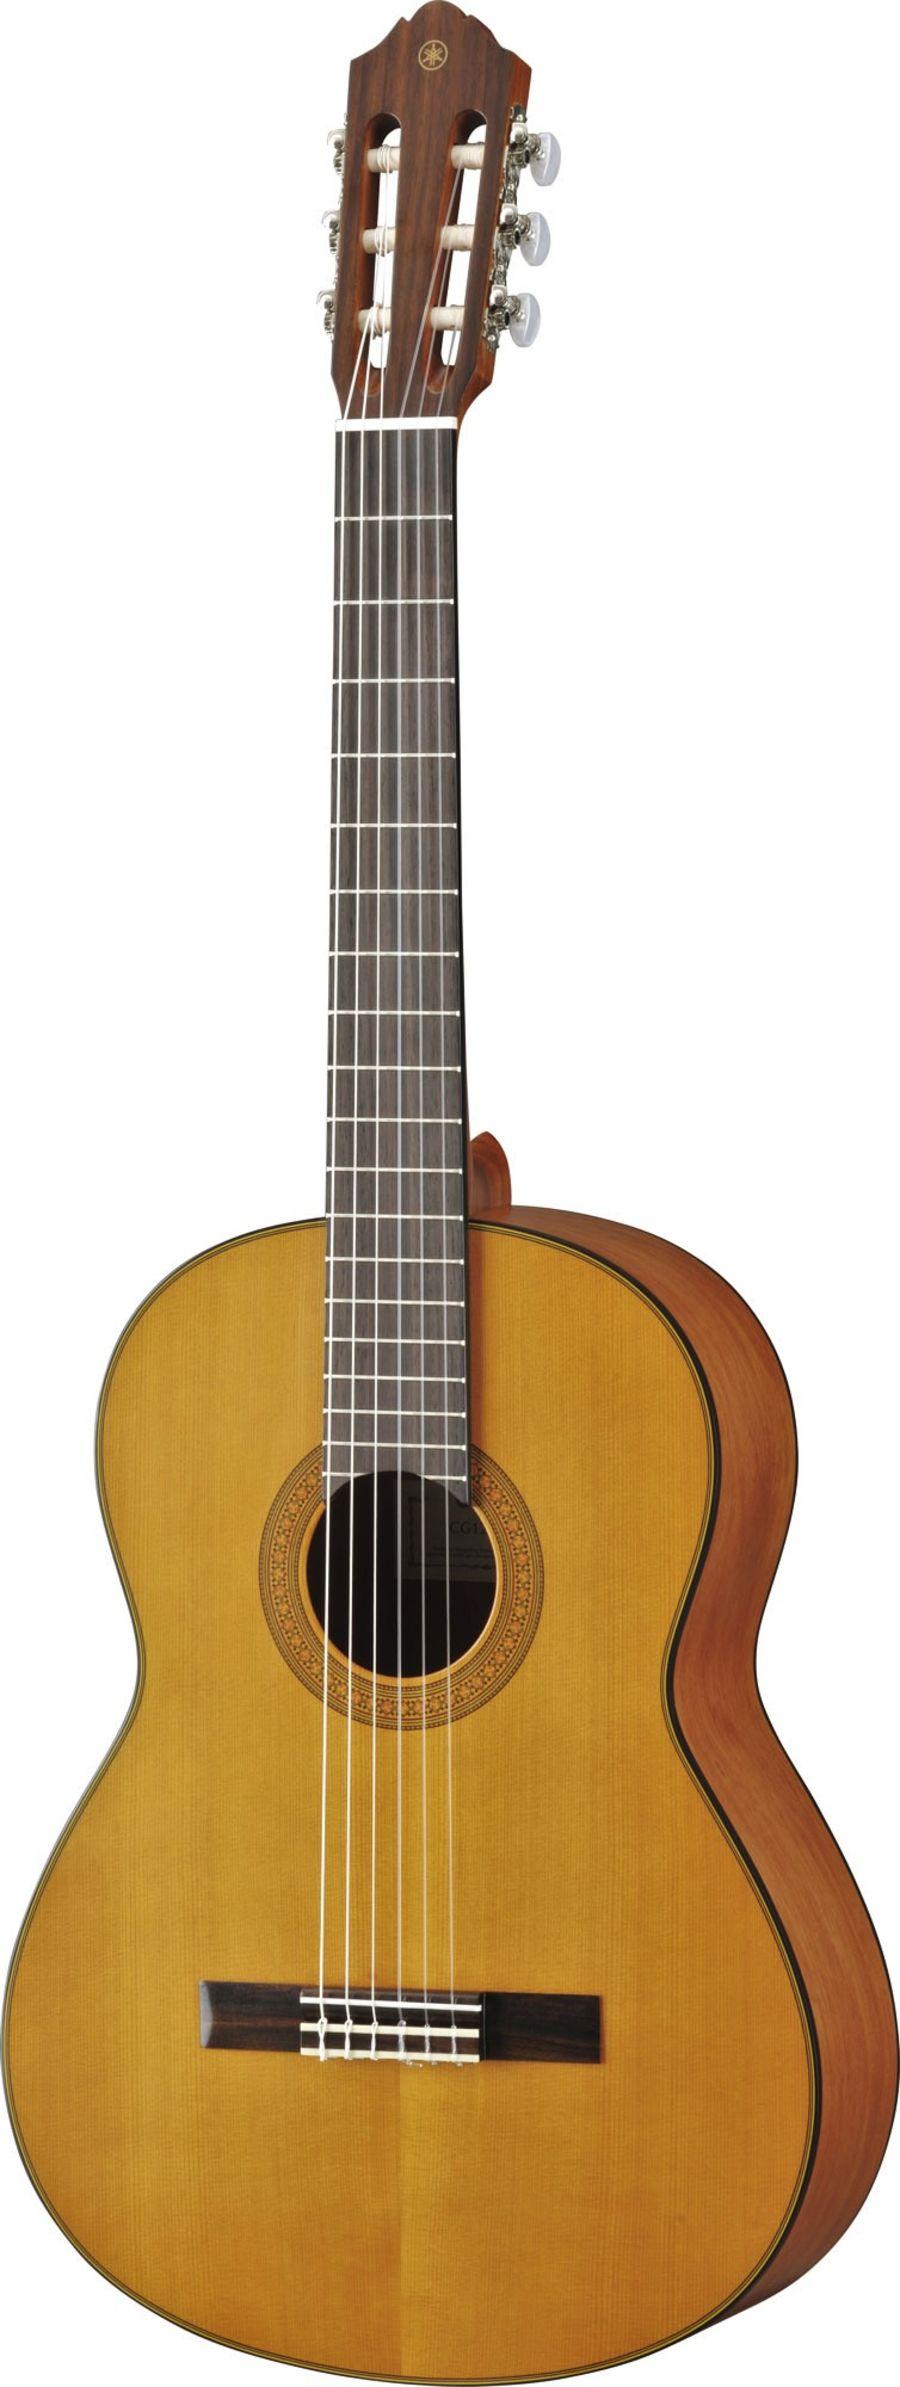 Yamaha CS40 - 3/4 Classical Guitar